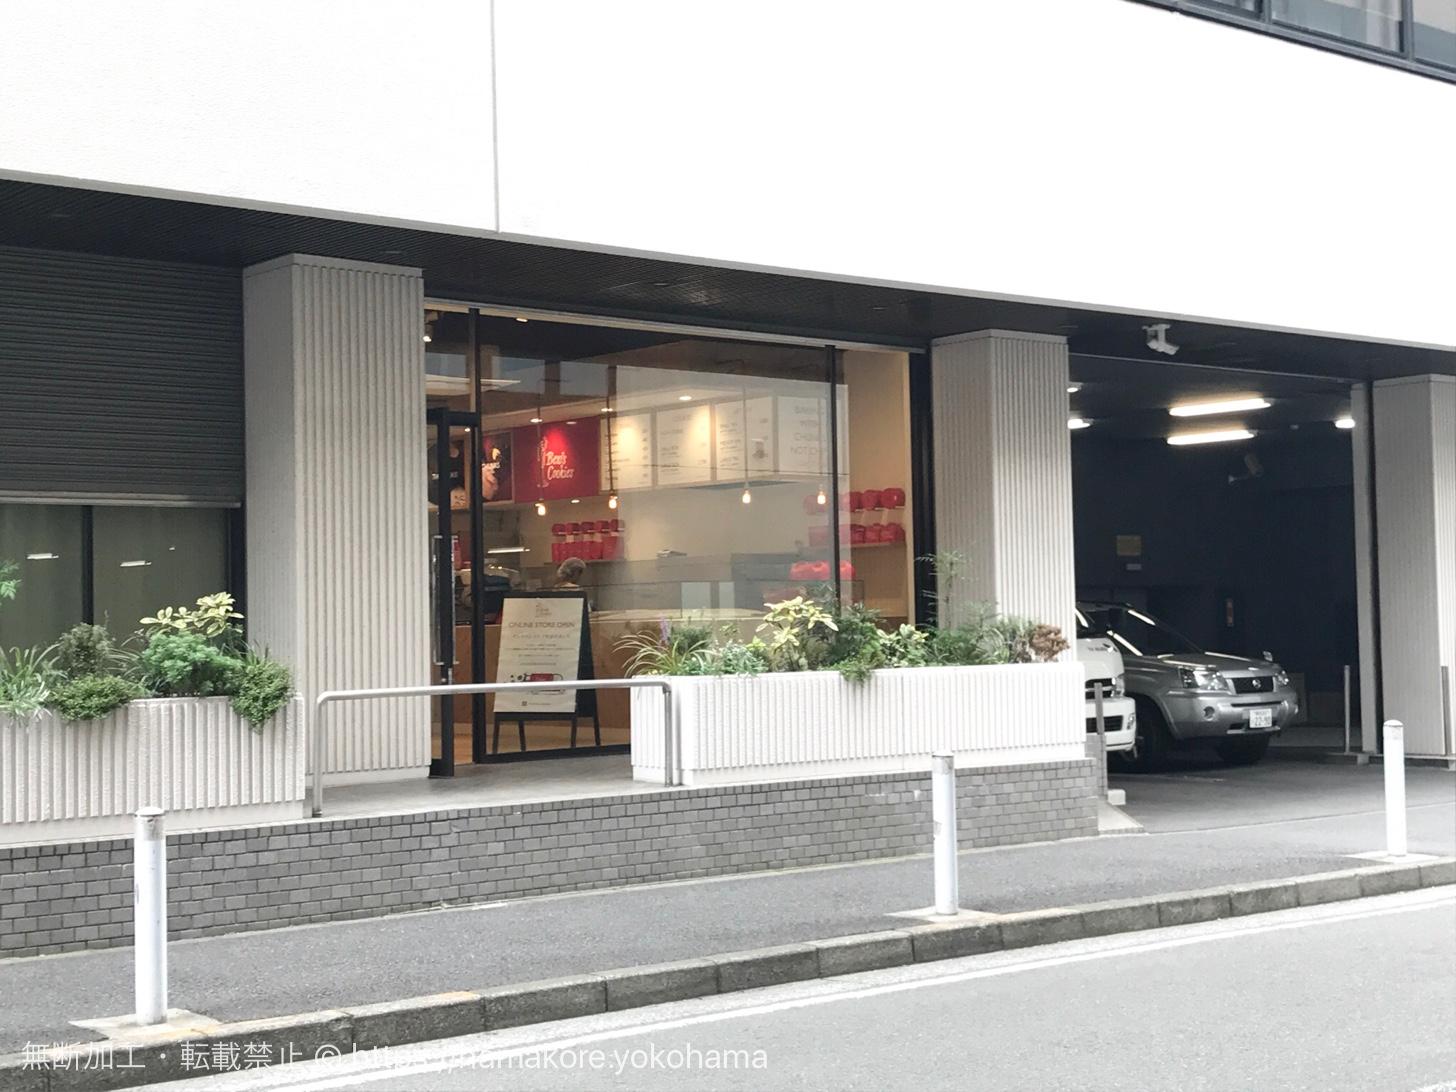 ベンズクッキー 日本大通り店